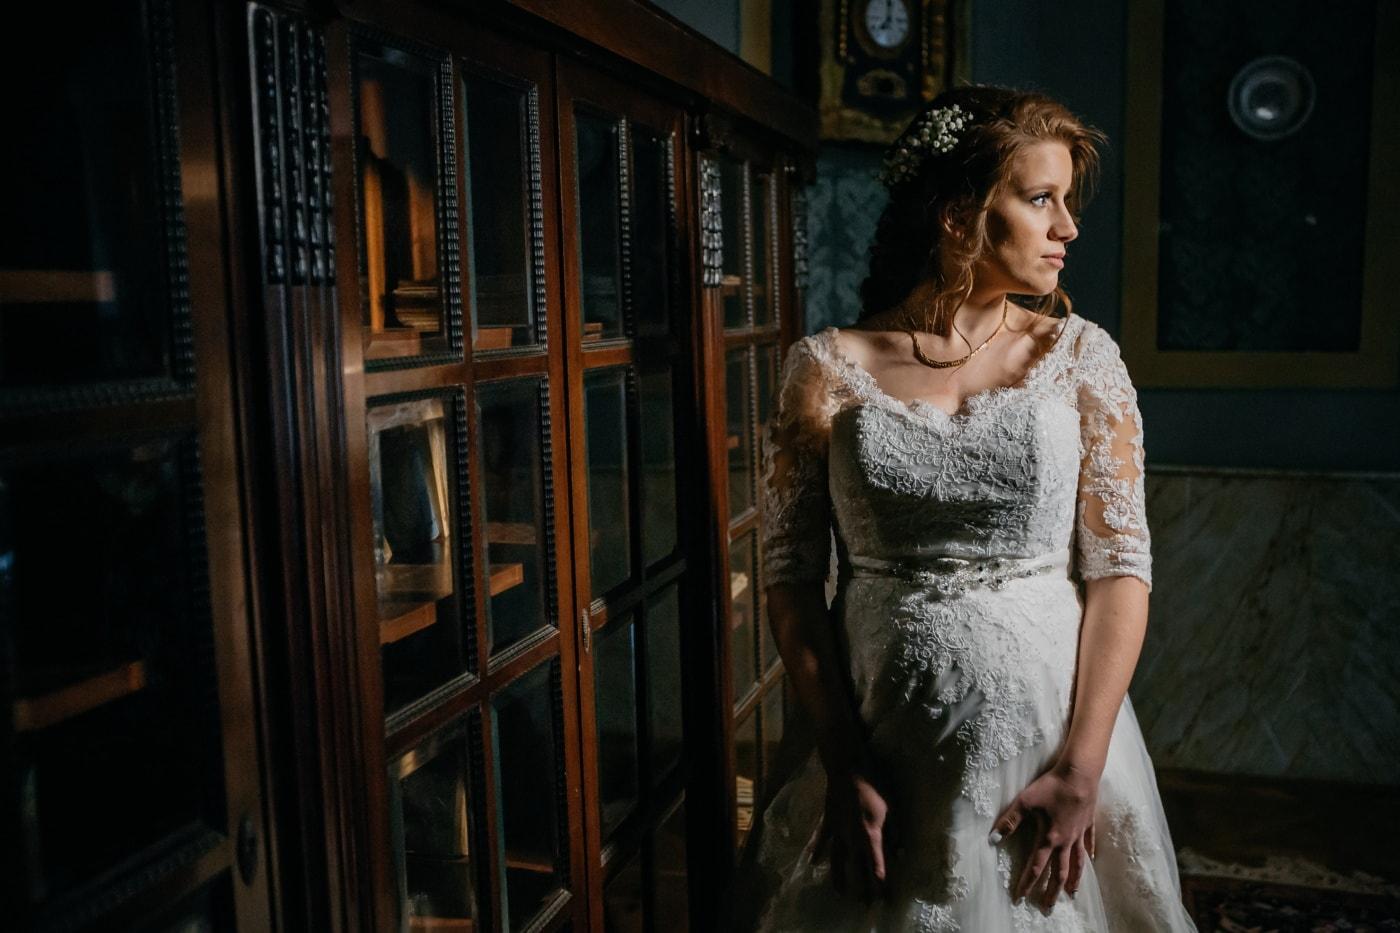 baroque, salon, bride, wedding dress, gorgeous, brunette, fashion, portrait, woman, girl